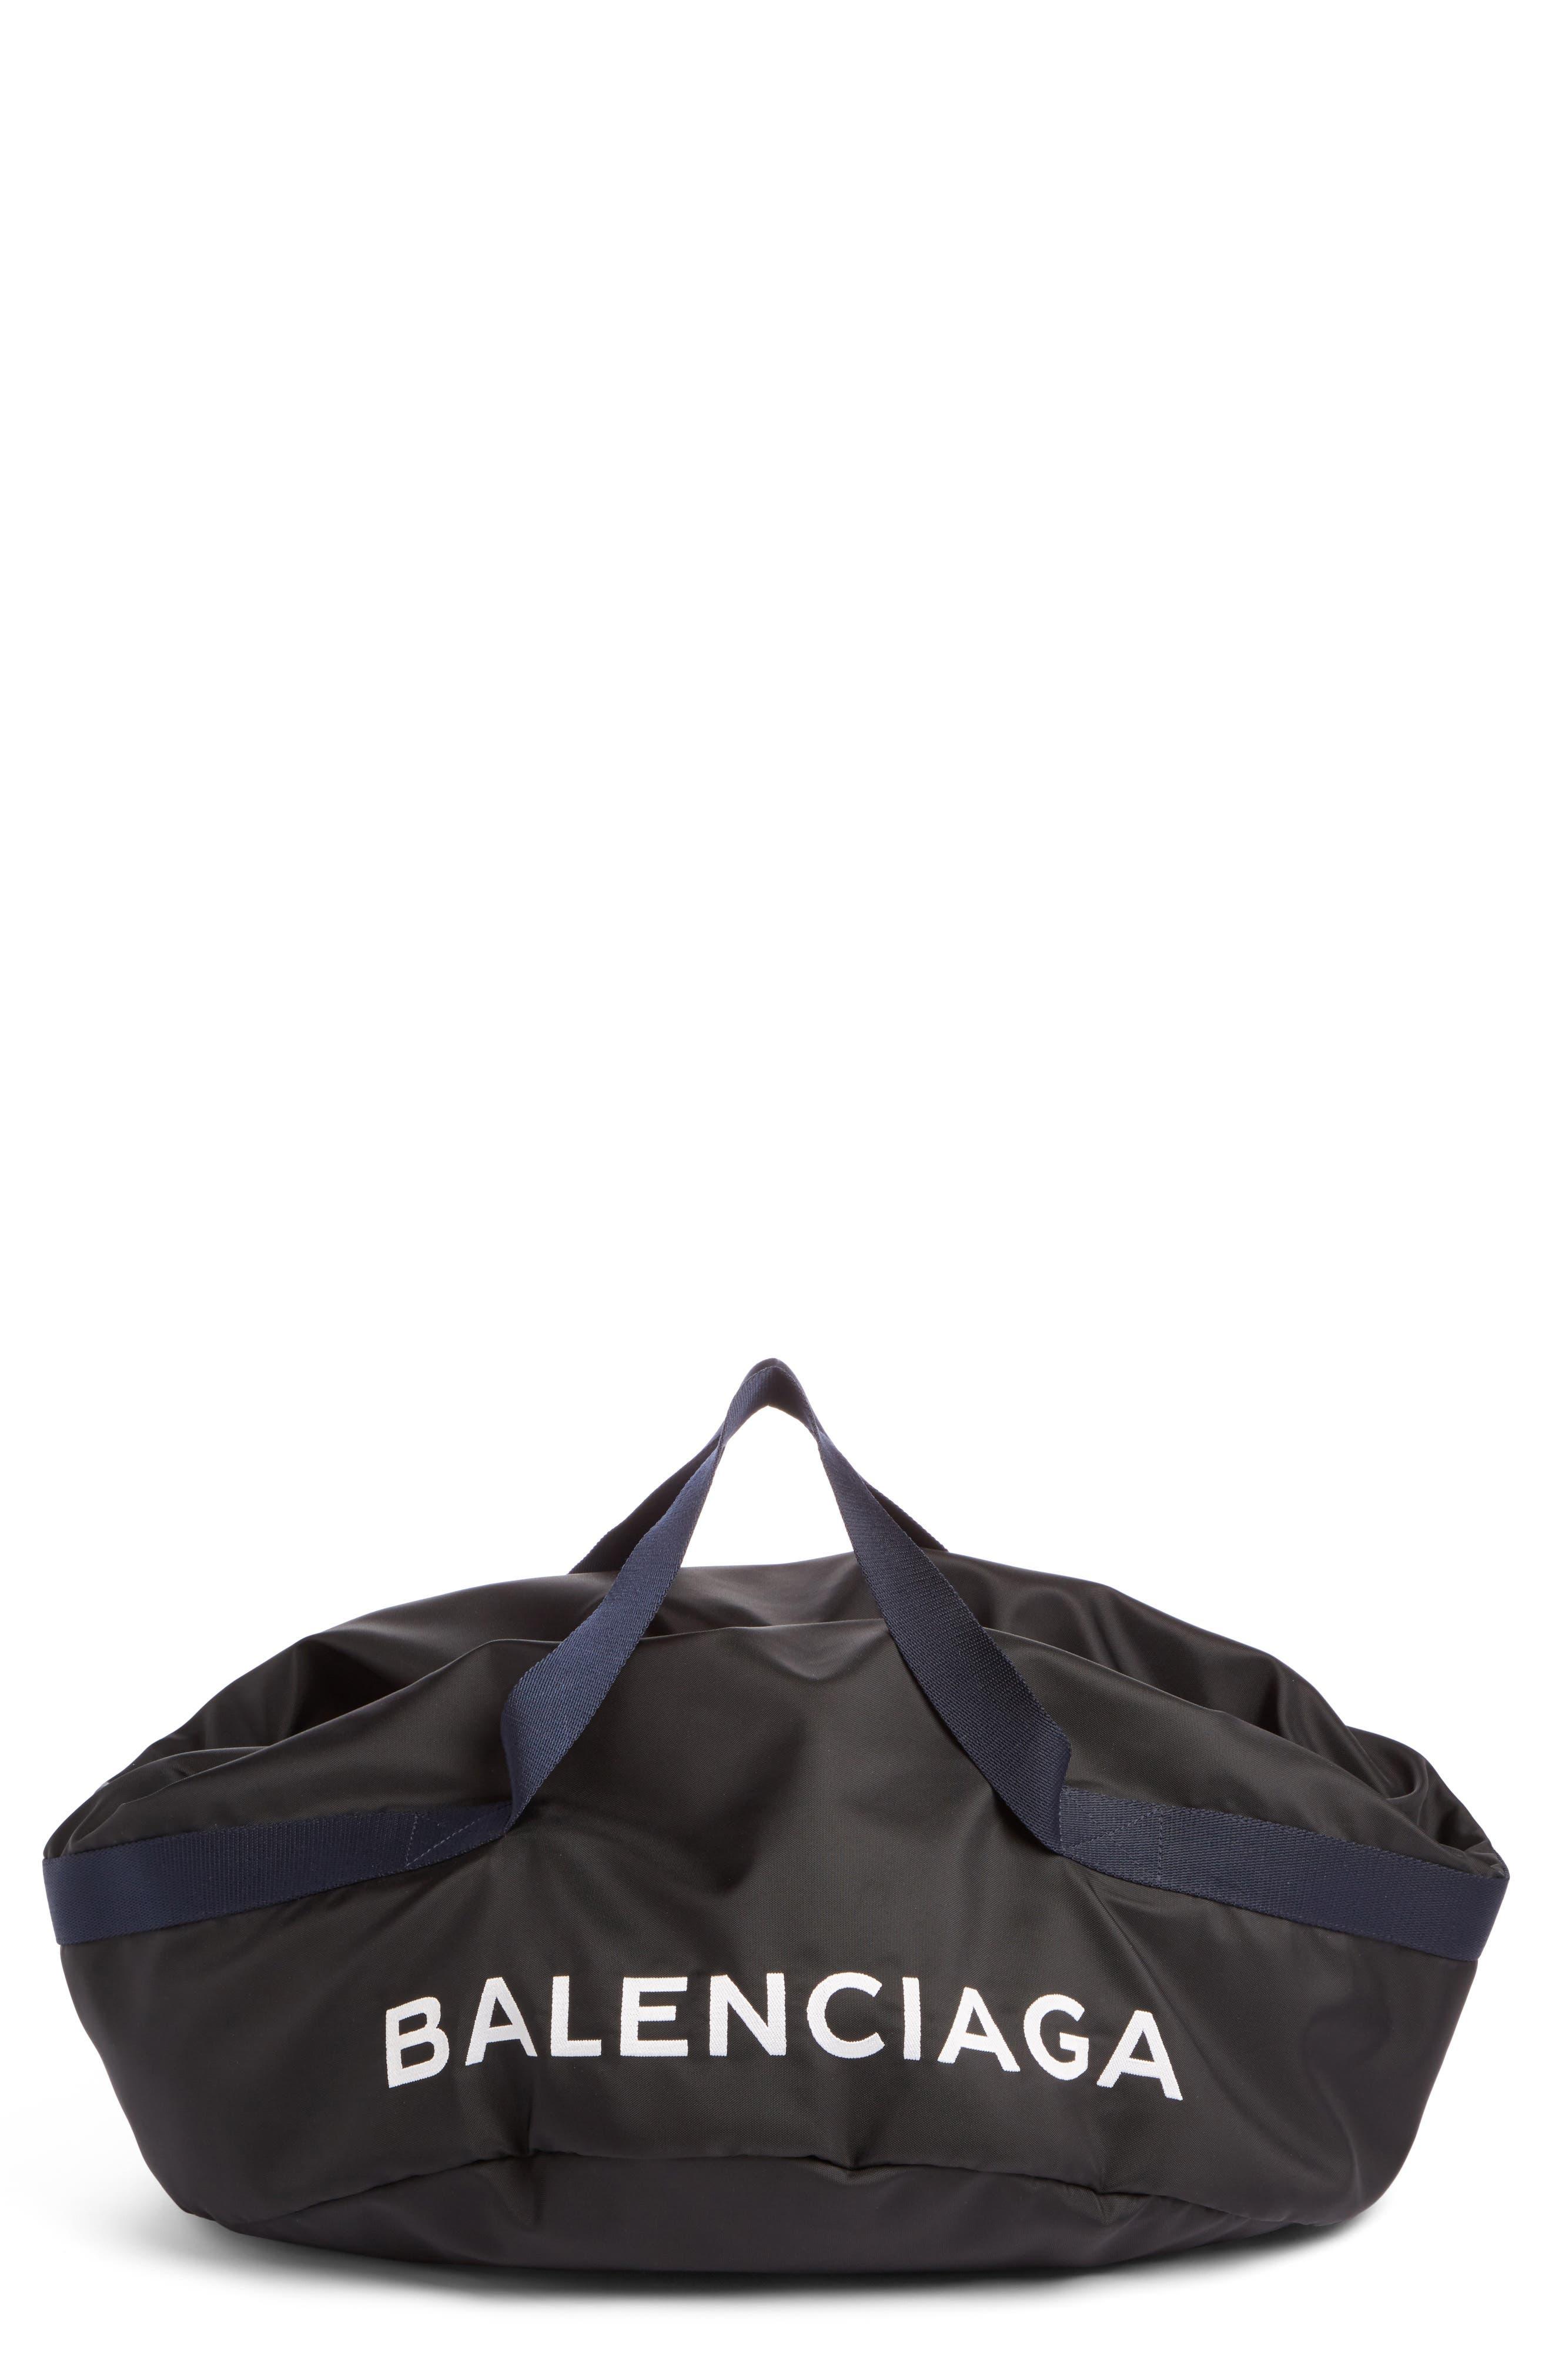 Balenciaga Small Wheel Bag